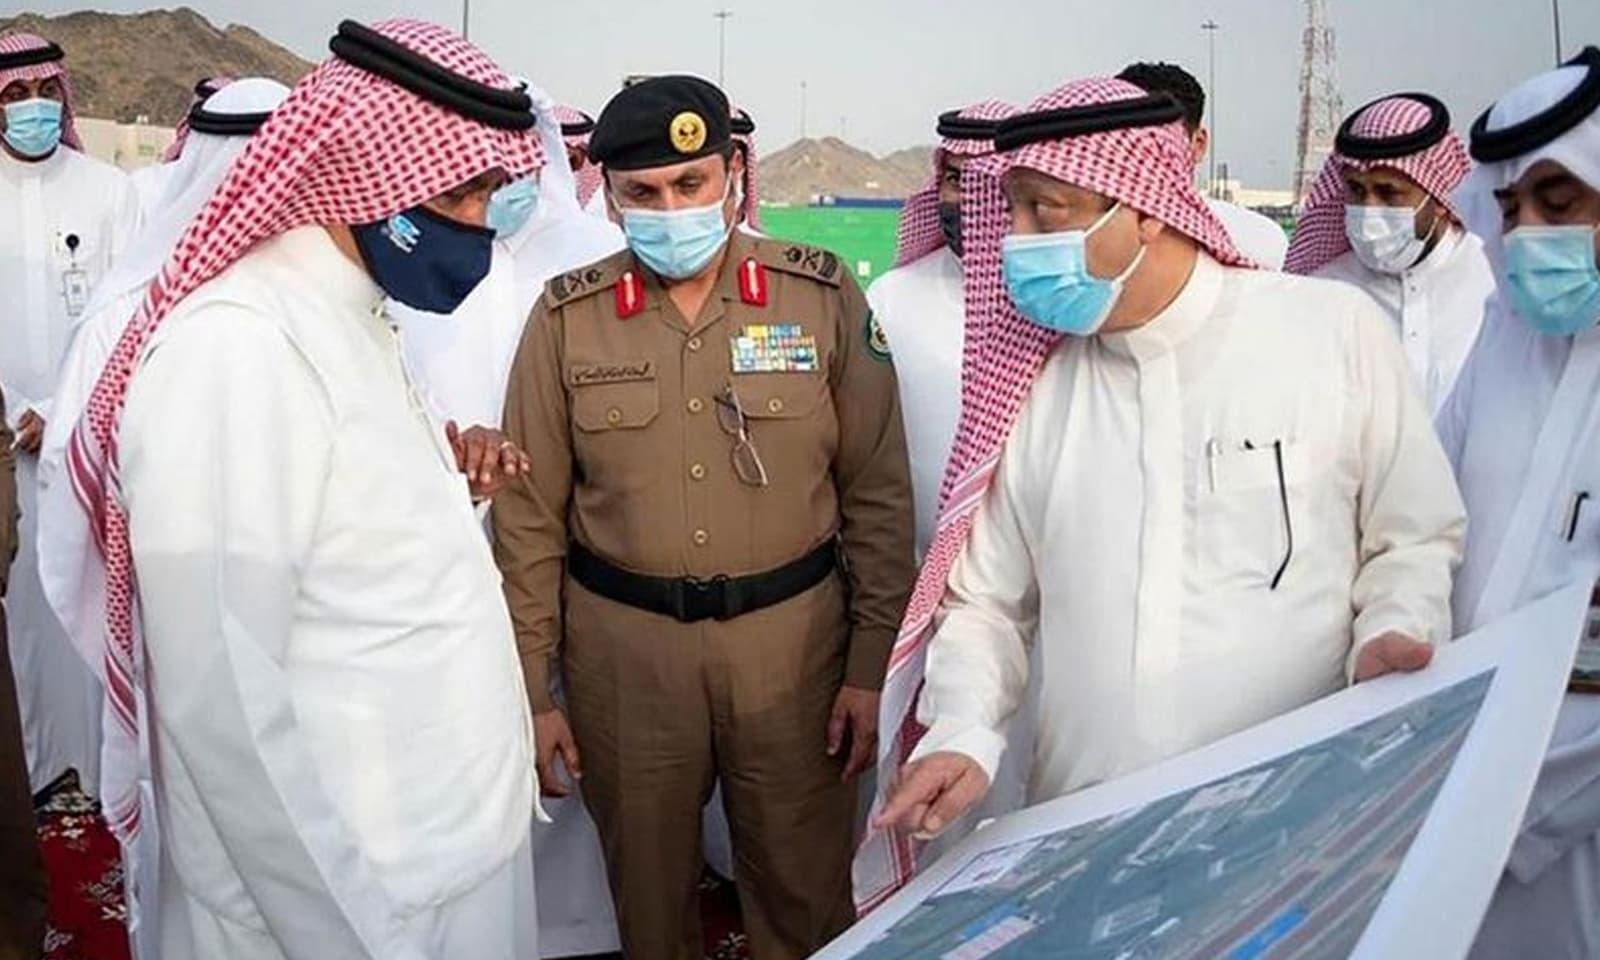 سعودی وزیر برائے حج و عمرہ رواں برس عازمین حج کی مدد کے لیے استعمال ہونے والے آلات کا جائزہ لے رہے ہیں — فوٹو بشکریہ سعودی پریس ایجنسی